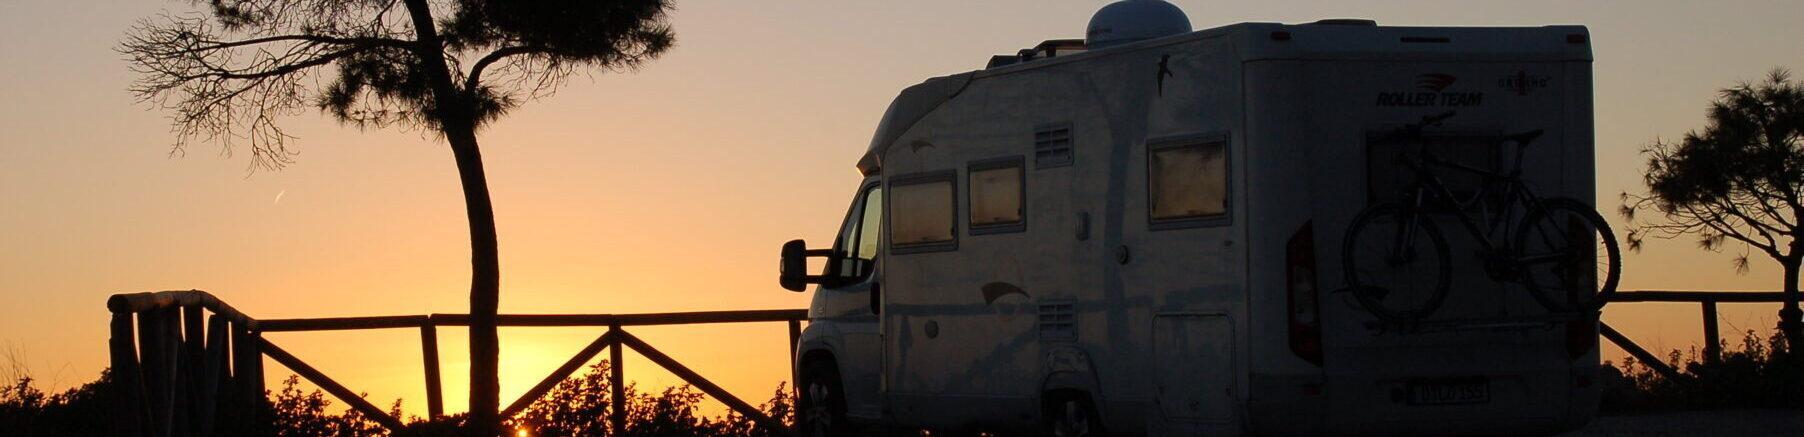 Reiseblog: Mein Wohnmobil vor dem Sonnenuntergang